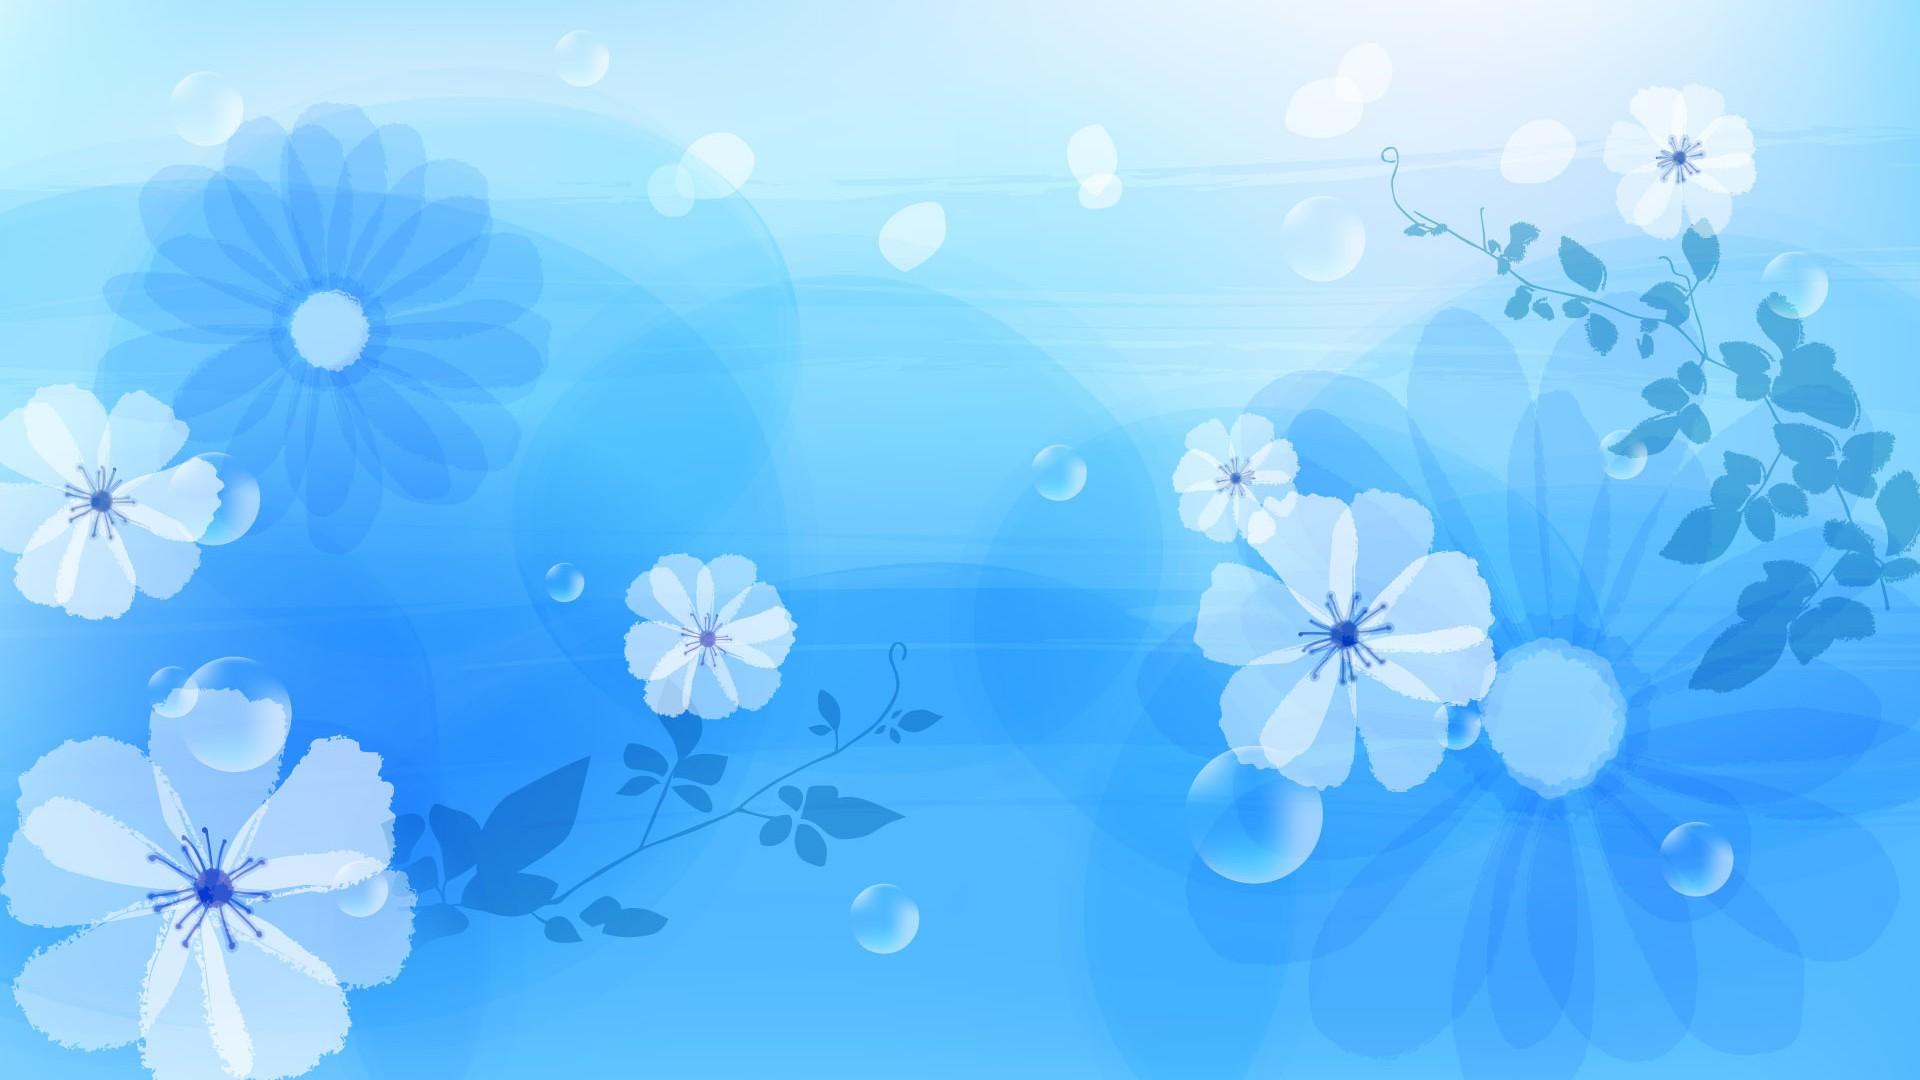 Light Blue Wallpaper   Wallpaper High Definition High 1920x1080